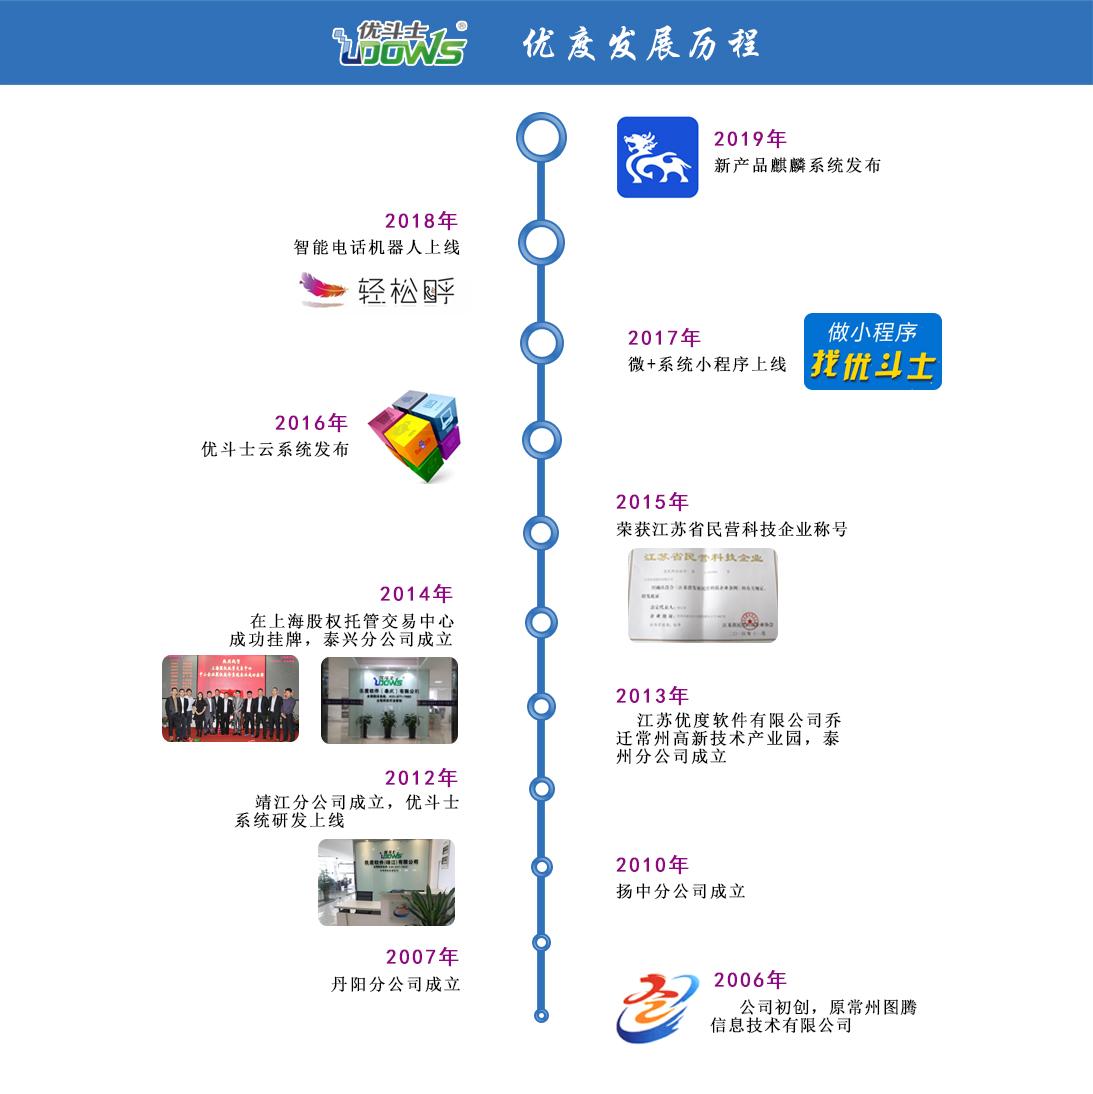 泰兴网站推广公司发展历程